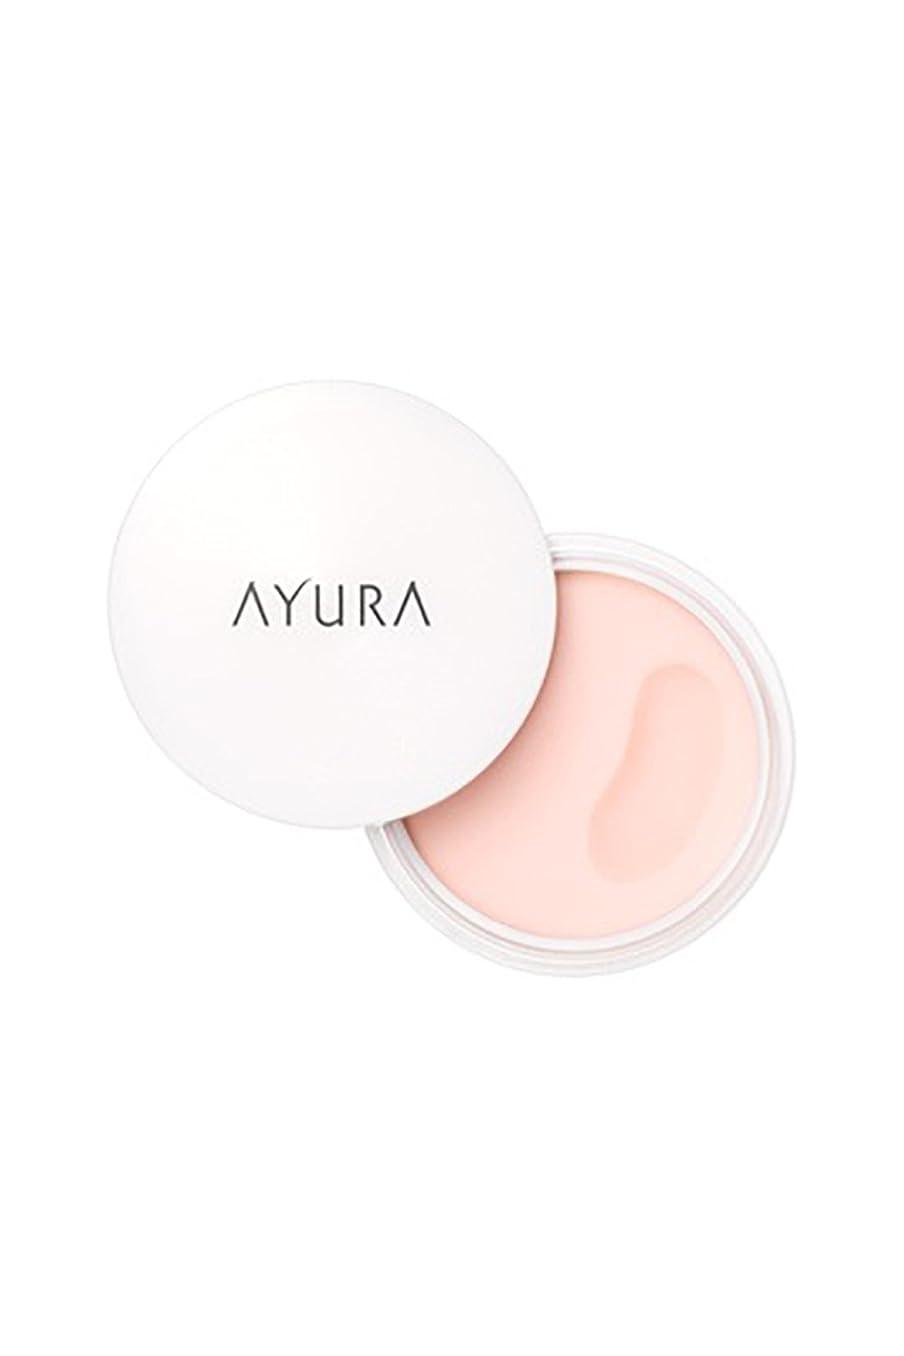 リビングルーム核解体するアユーラ (AYURA) オイルシャットデイセラム < 朝用練り美容液 > 10g 毛穴 化粧くずれ対策練り美容液